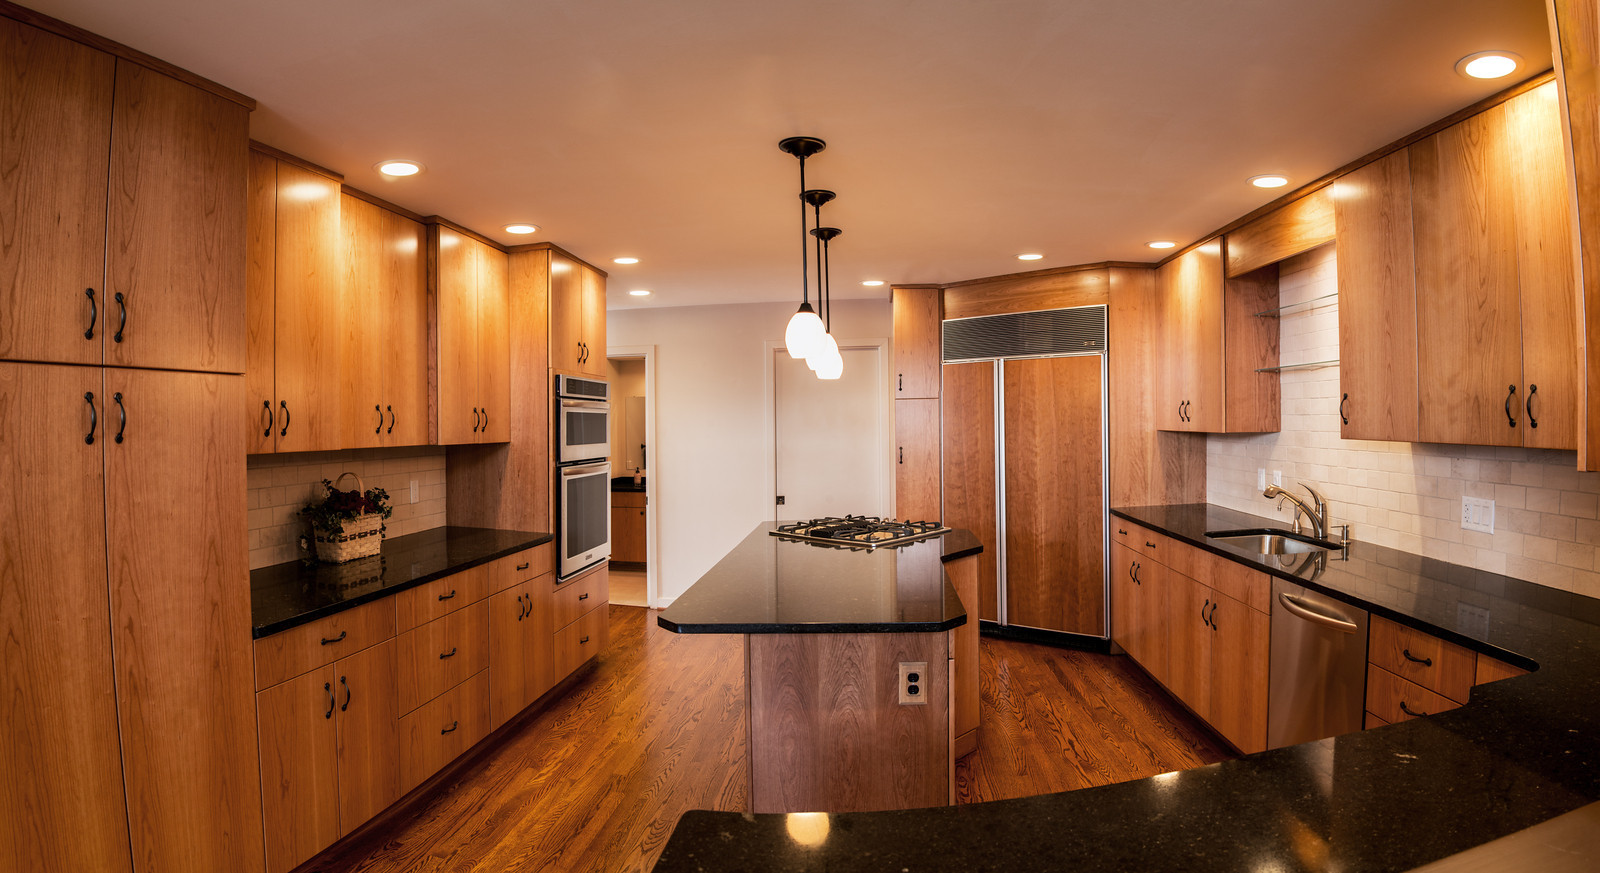 Kitchen renovation using natural cherry cabinets, Irondequoit